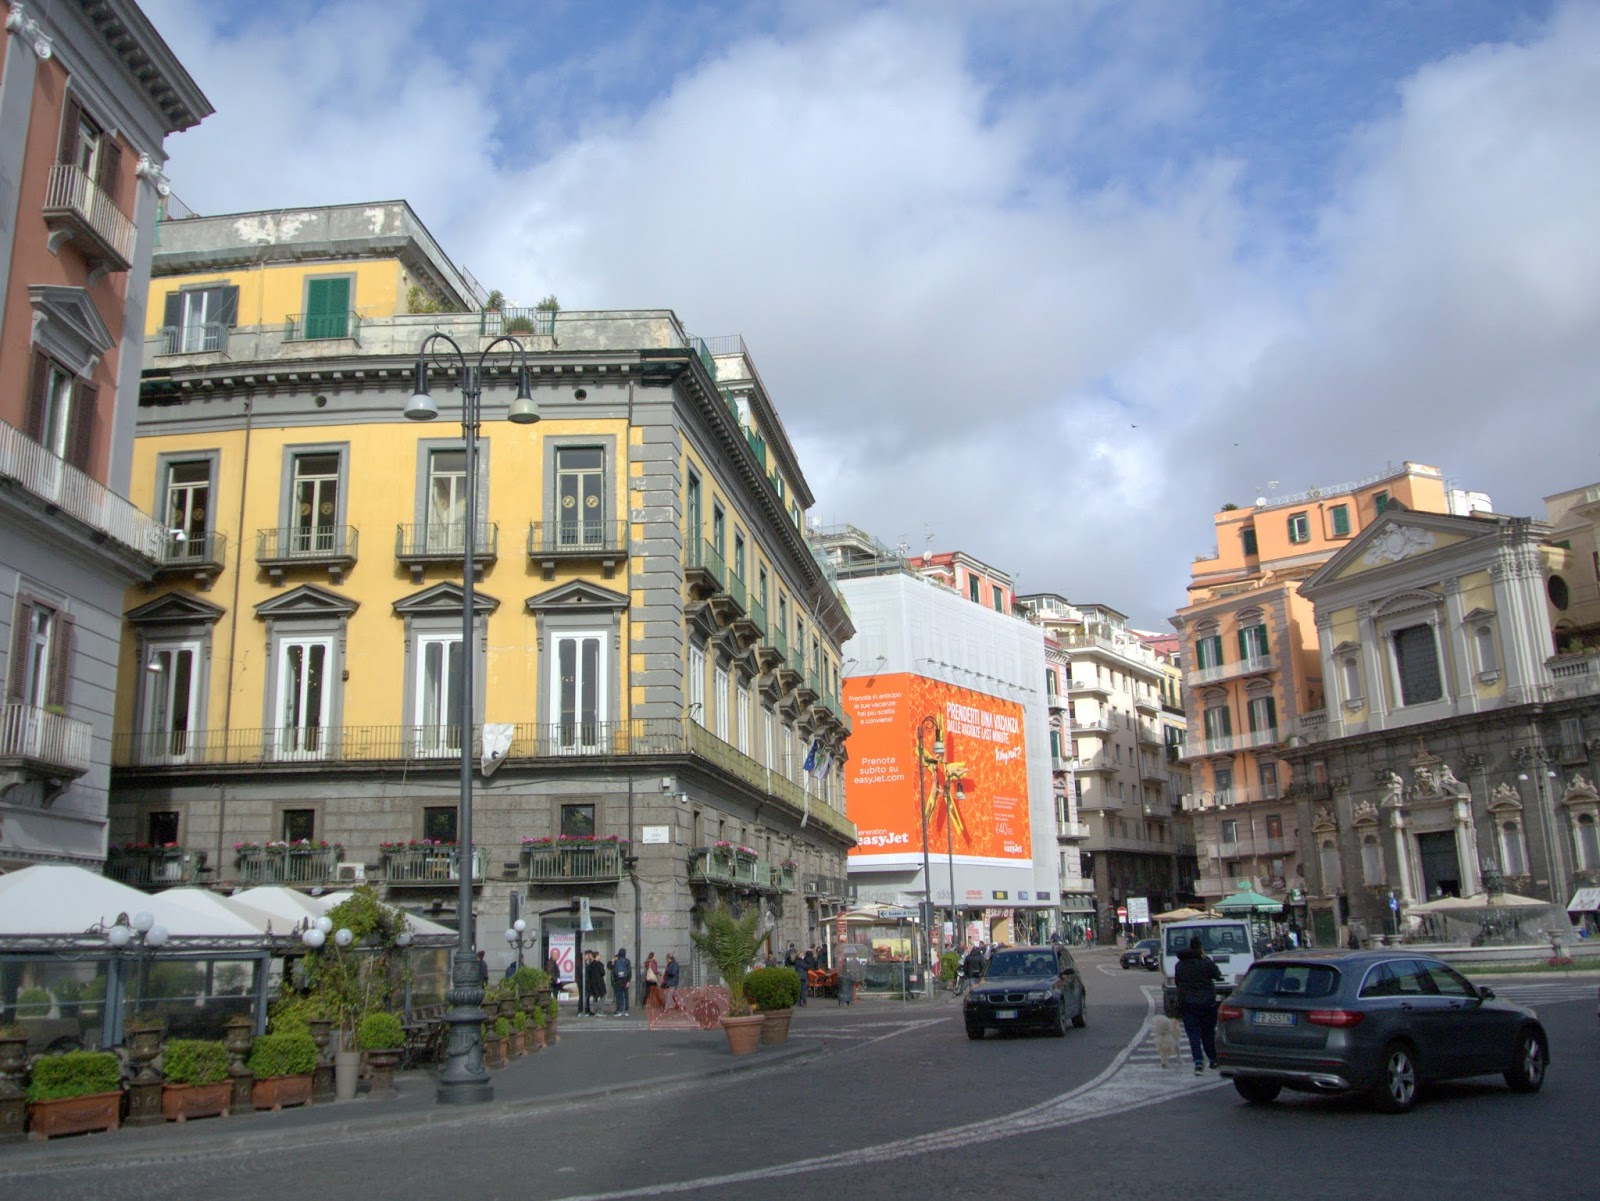 ulice w Neapolu, charakter miasta